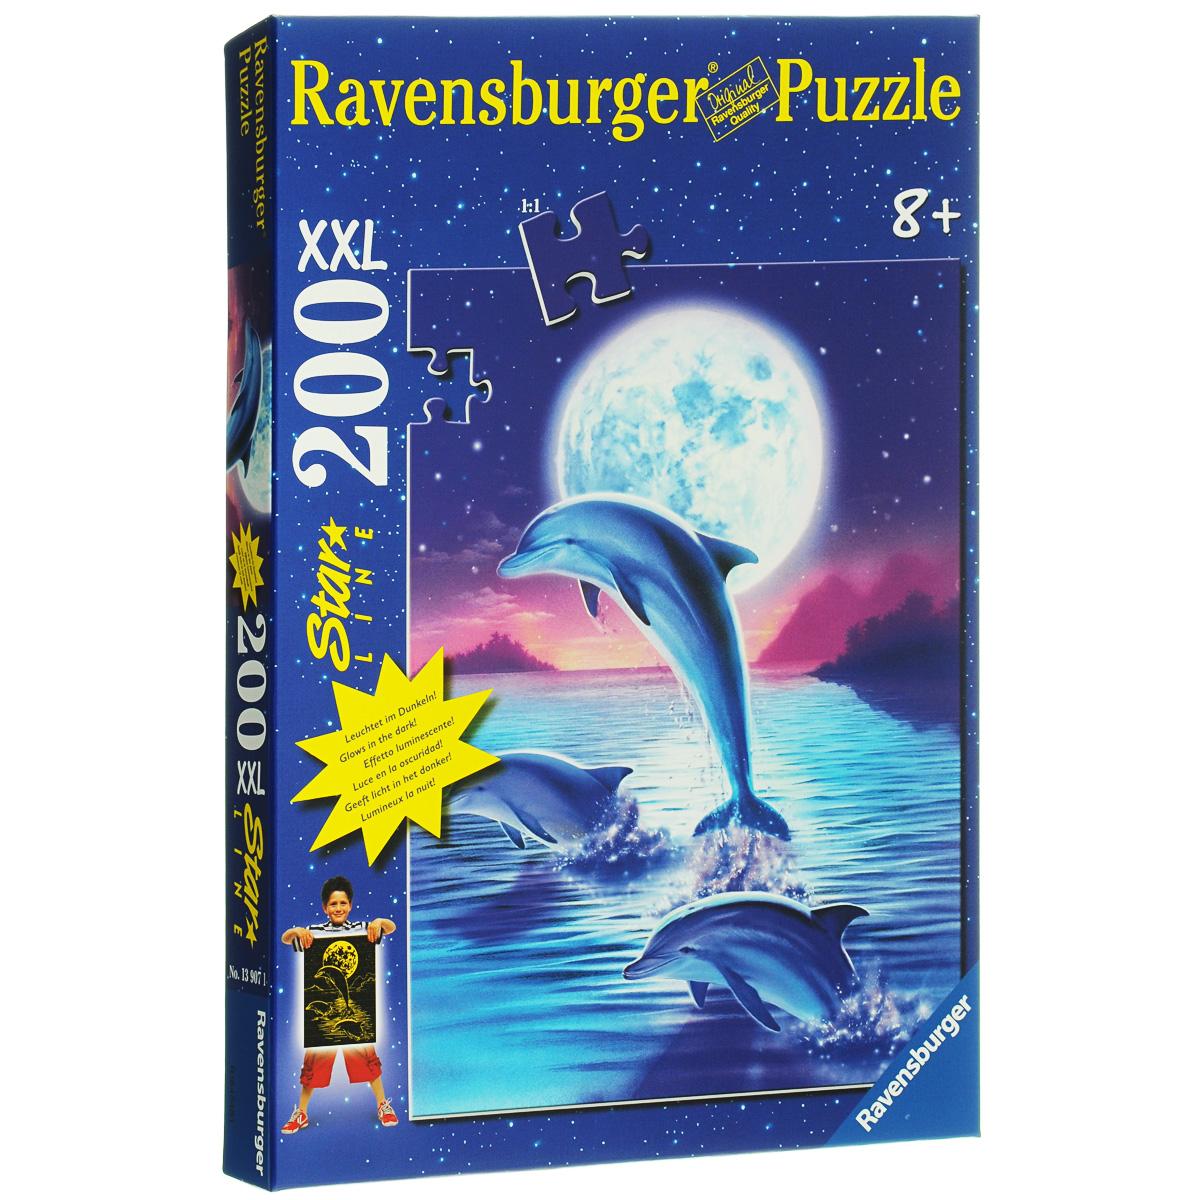 Ravensburger Дельфины в лунном свете. Пазл XXL светящийся, 200 элементов13907Светящийся пазл Ravensburger Дельфины в лунном свете понравится и вам, и вашему ребенку. Собрав этот пазл, включающий в себя 200 крупных элементов, вы получите замечательный постер с изображением дельфинов, выпрыгивающих из воды, на фоне огромной луны. Каждая деталь имеет свою форму и подходит только на свое место. Отсутствие двух одинаковых деталей обеспечено использованием вручную изготовленного инструментария. Элементы идеально соединяются и не ломаются. Матовая поверхность исключает неприятные отблески. В рисунке использована краска, светящаяся в темноте. Краска абсолютно безвредна. Пазл - великолепная игра для семейного досуга. Сегодня собирание пазлов стало особенно популярным, главным образом, благодаря своей многообразной тематике, способной удовлетворить самый взыскательный вкус. А для детей это не только интересно, но и полезно. Собирание пазла развивает мелкую моторику у ребенка, тренирует наблюдательность, логическое мышление, знакомит с окружающим...